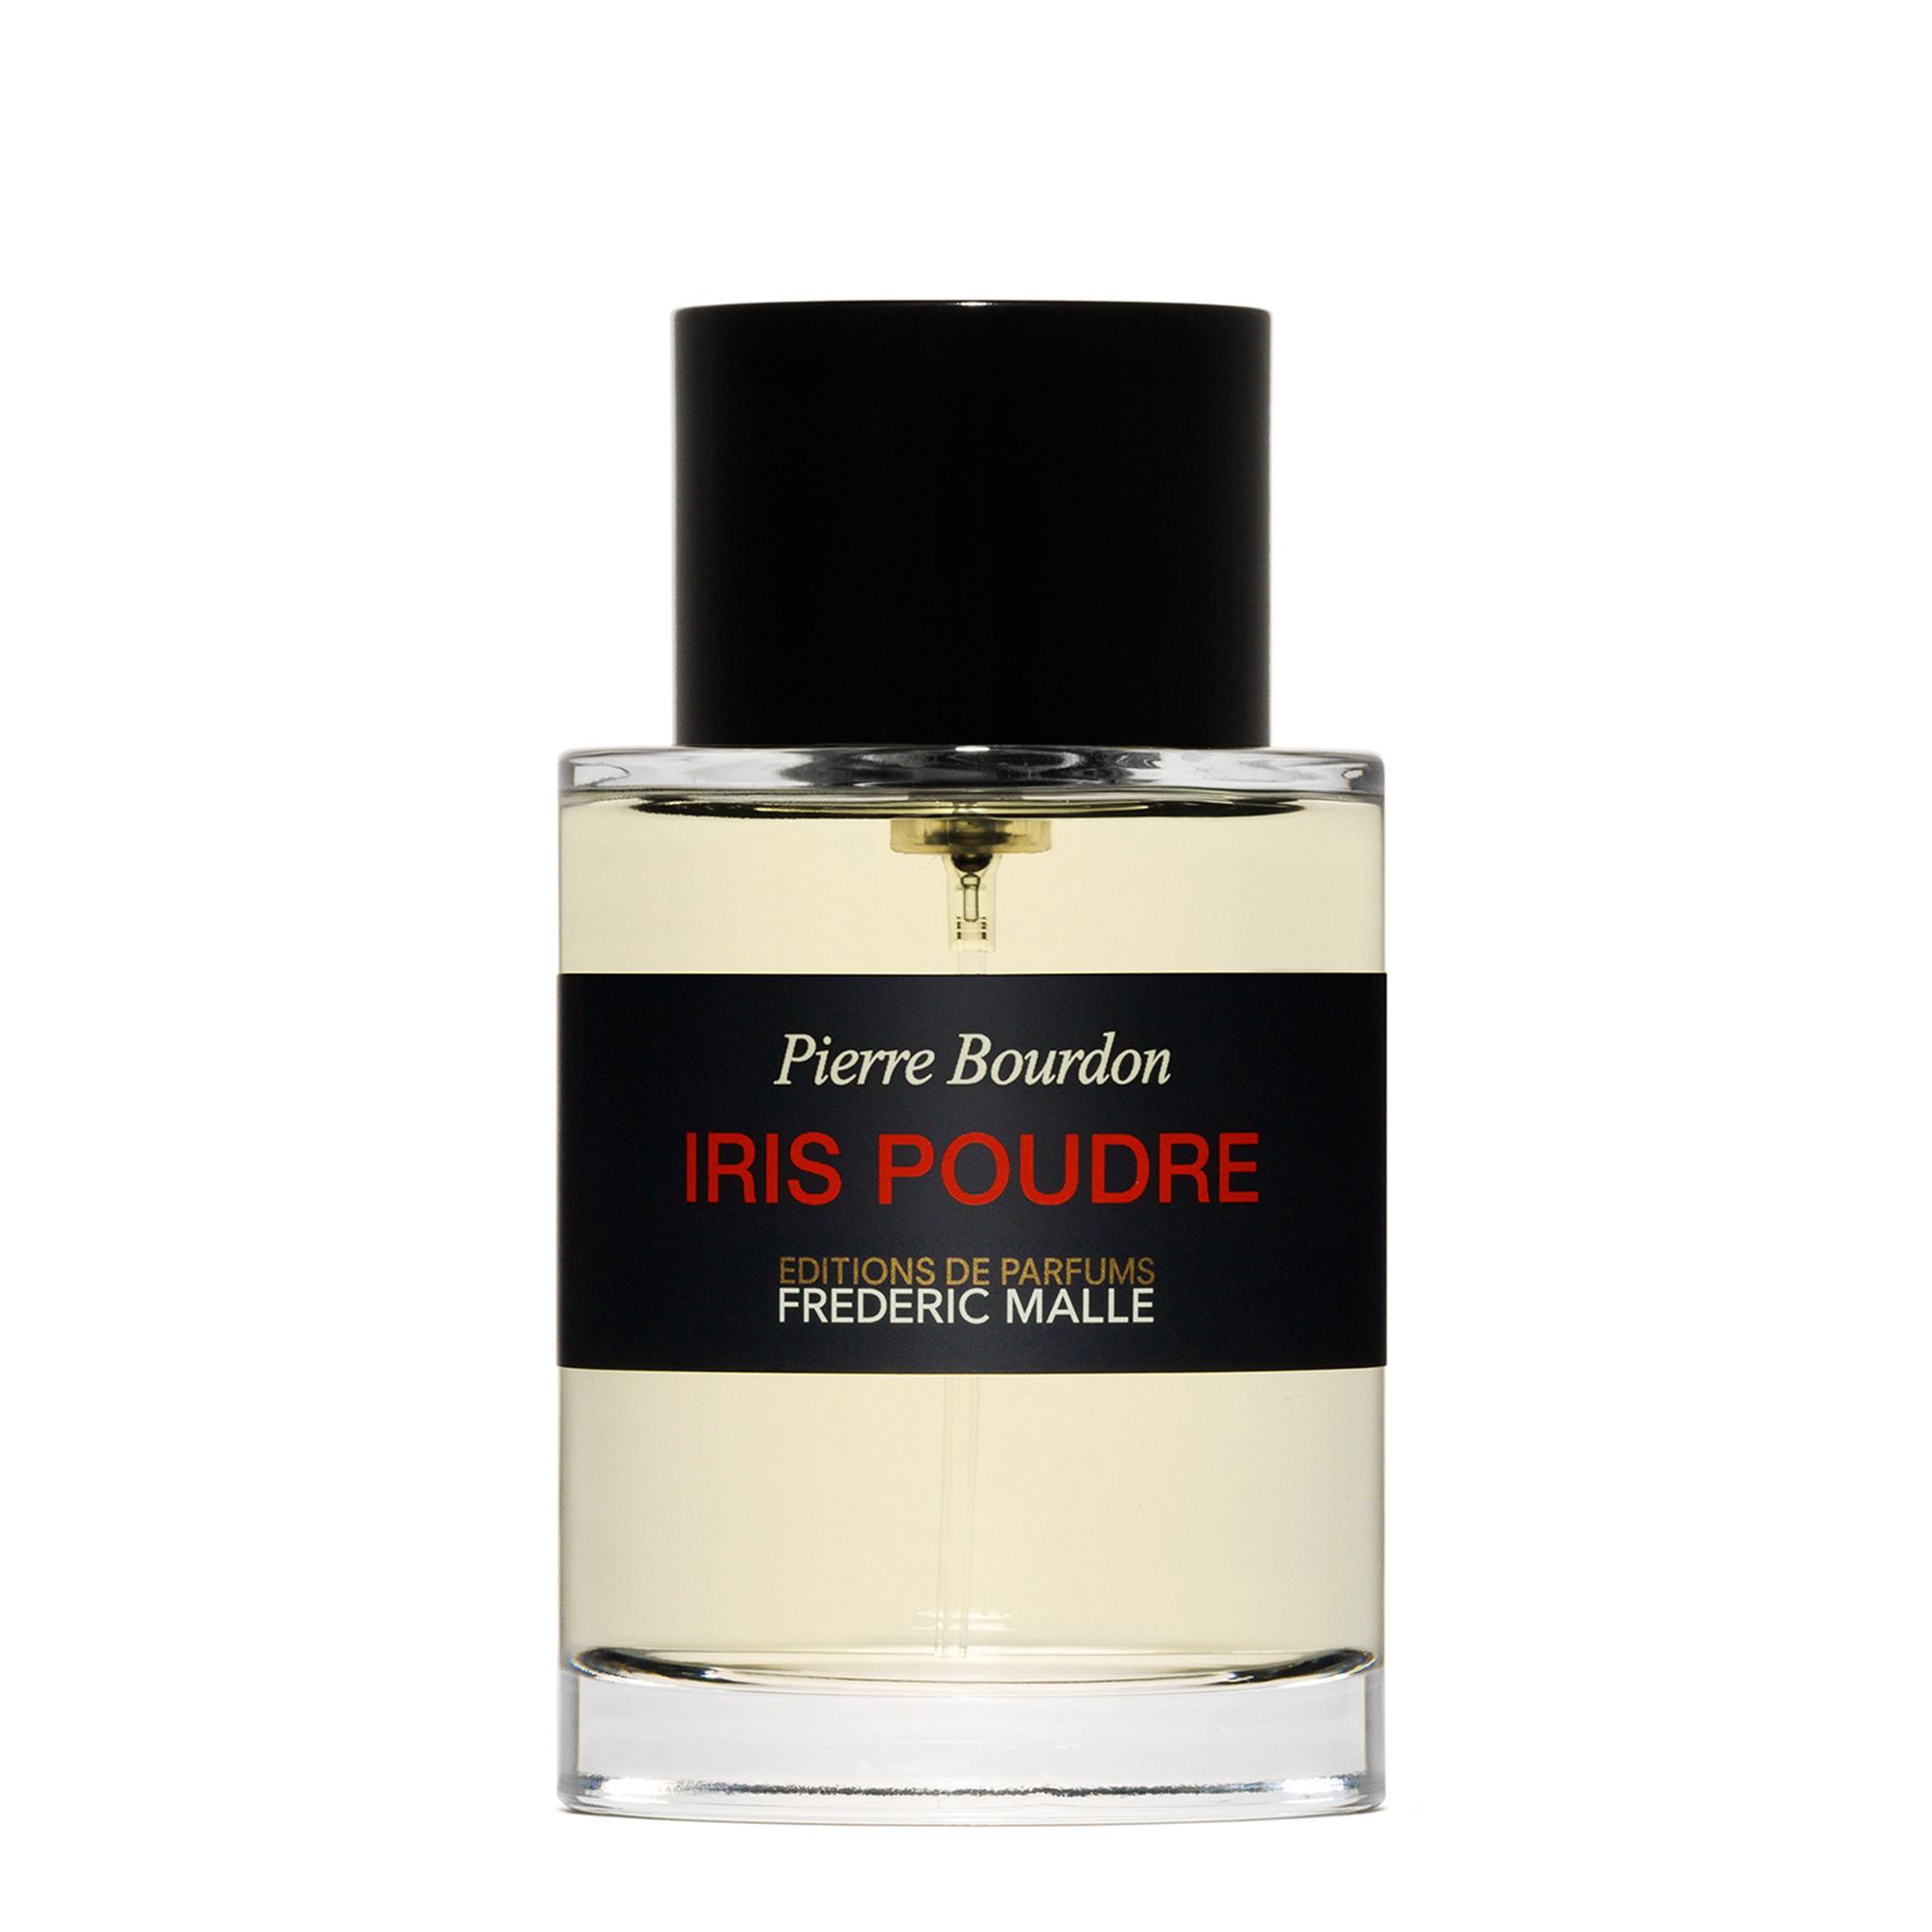 12-iris-poudre_100ml_h47k01_2000x2000